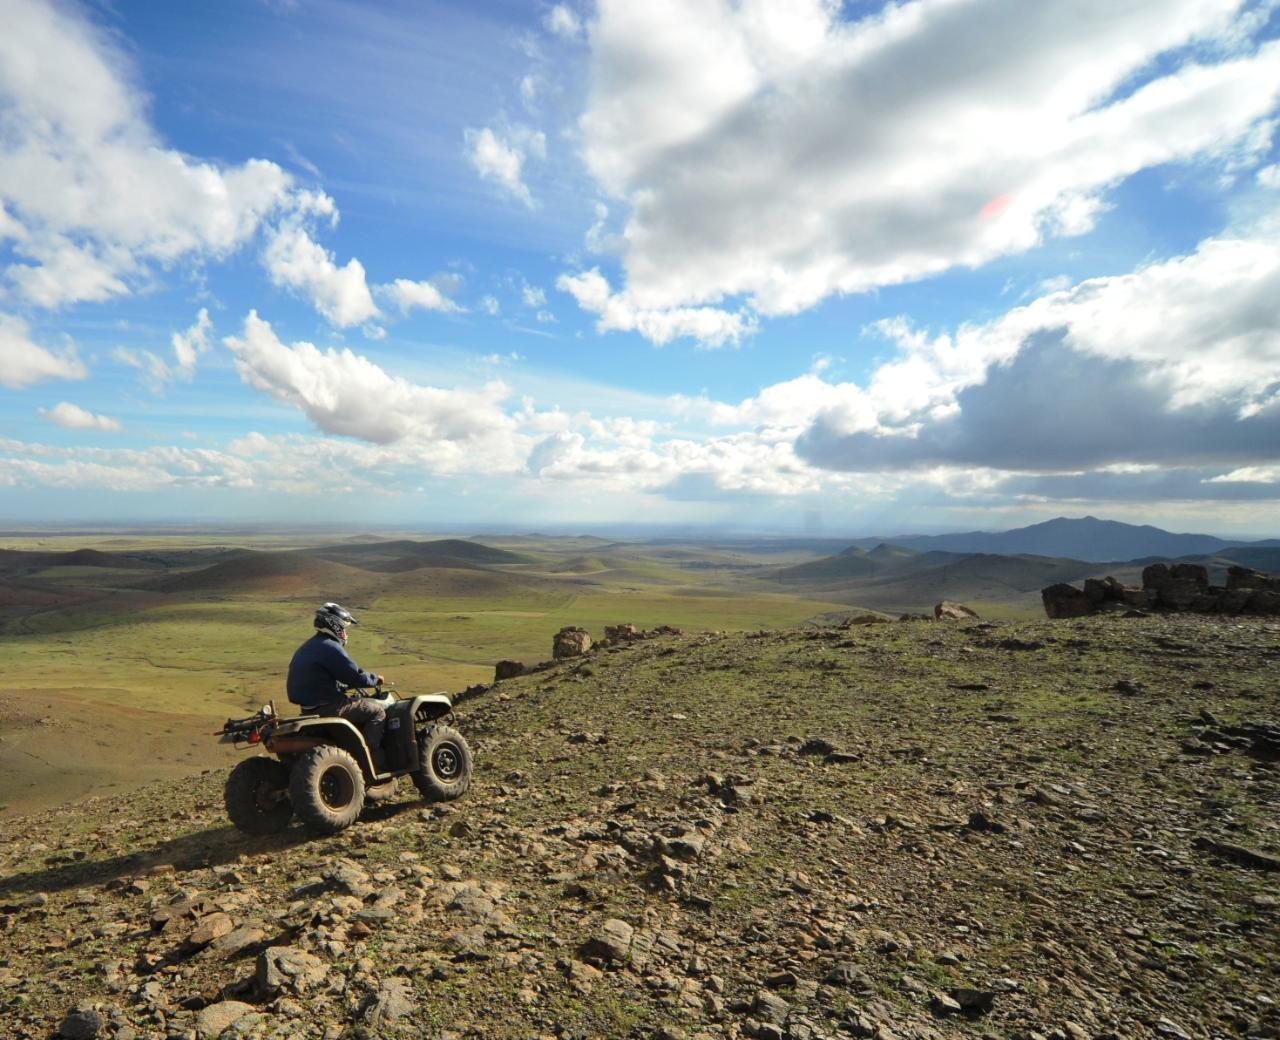 Quad Bike in the Desert of the Jbilets - Full Day